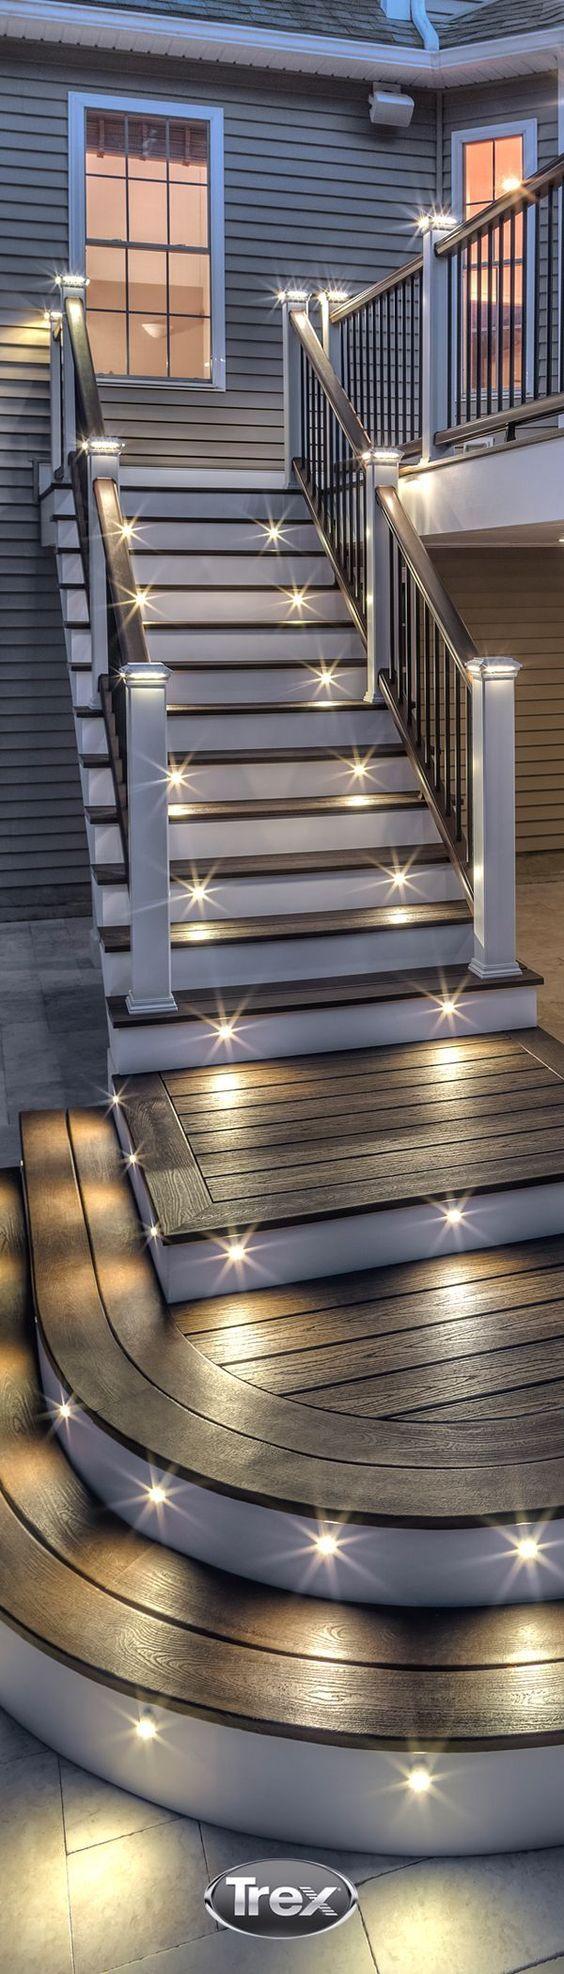 户外步骤照明装置的集合,包括楼梯照明美观,安全,照明户外步骤的想法[了解更多]